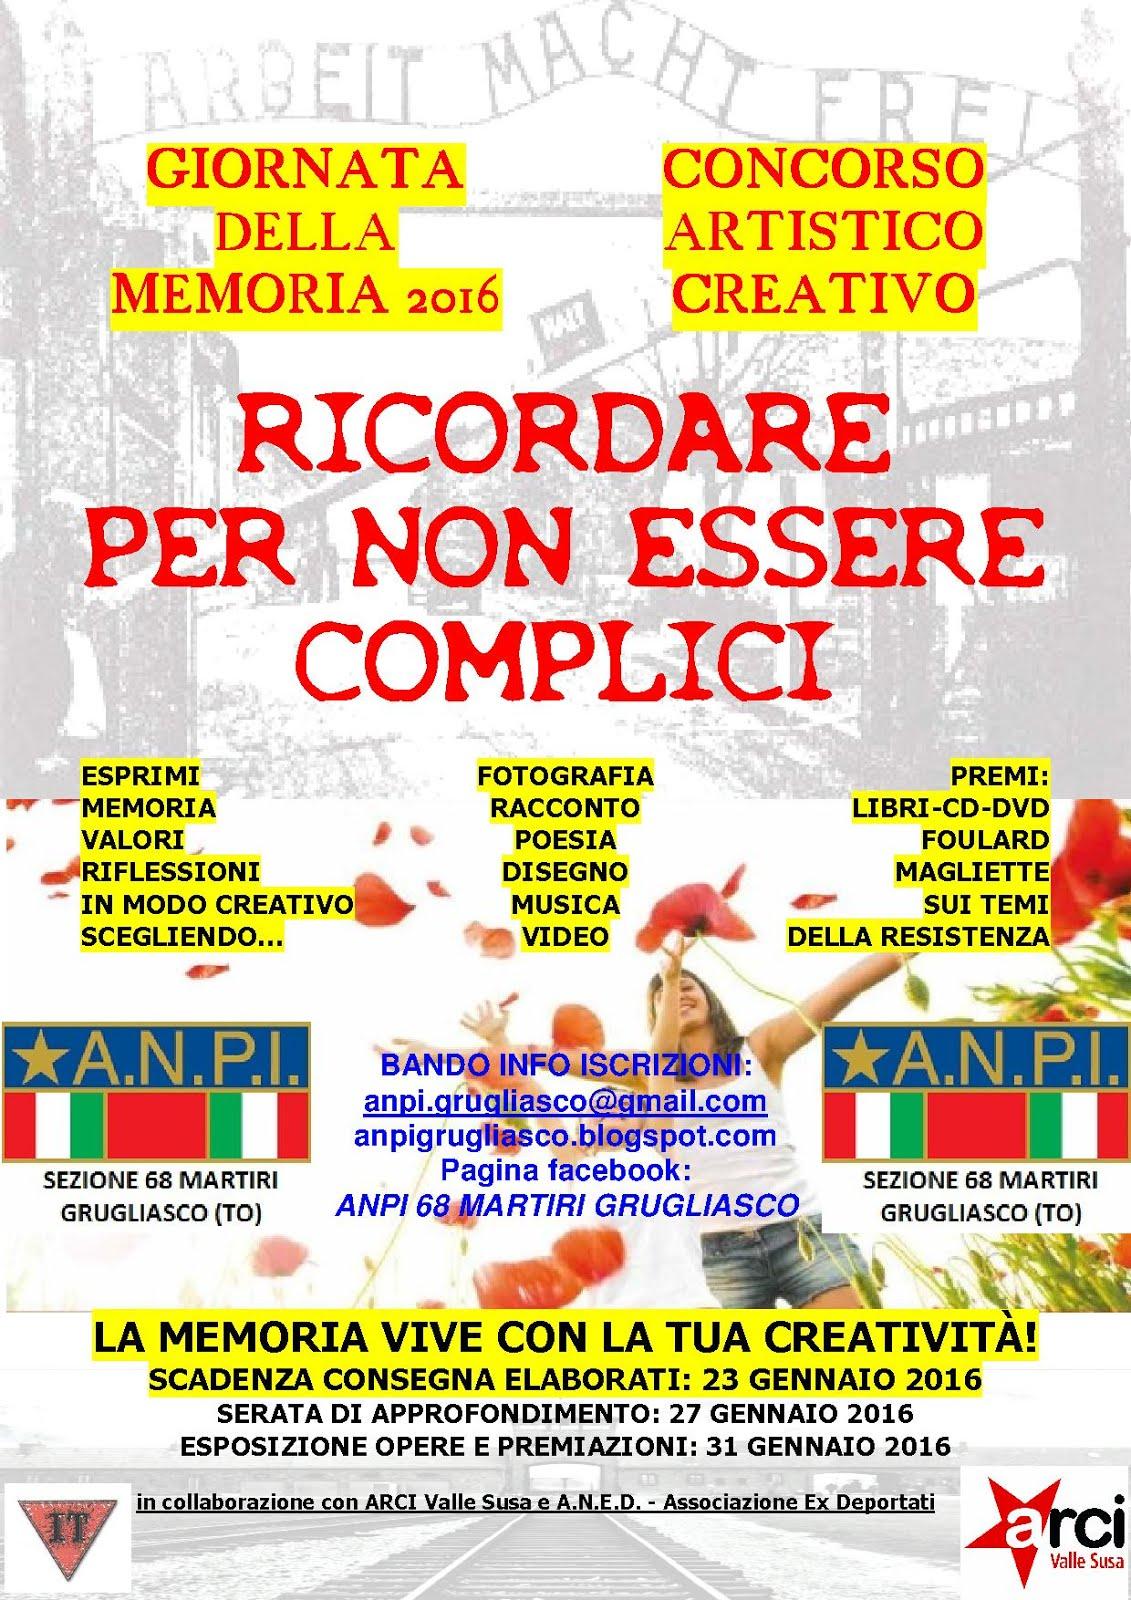 Concorso artistico-creativo Giornata della Memoria 2016